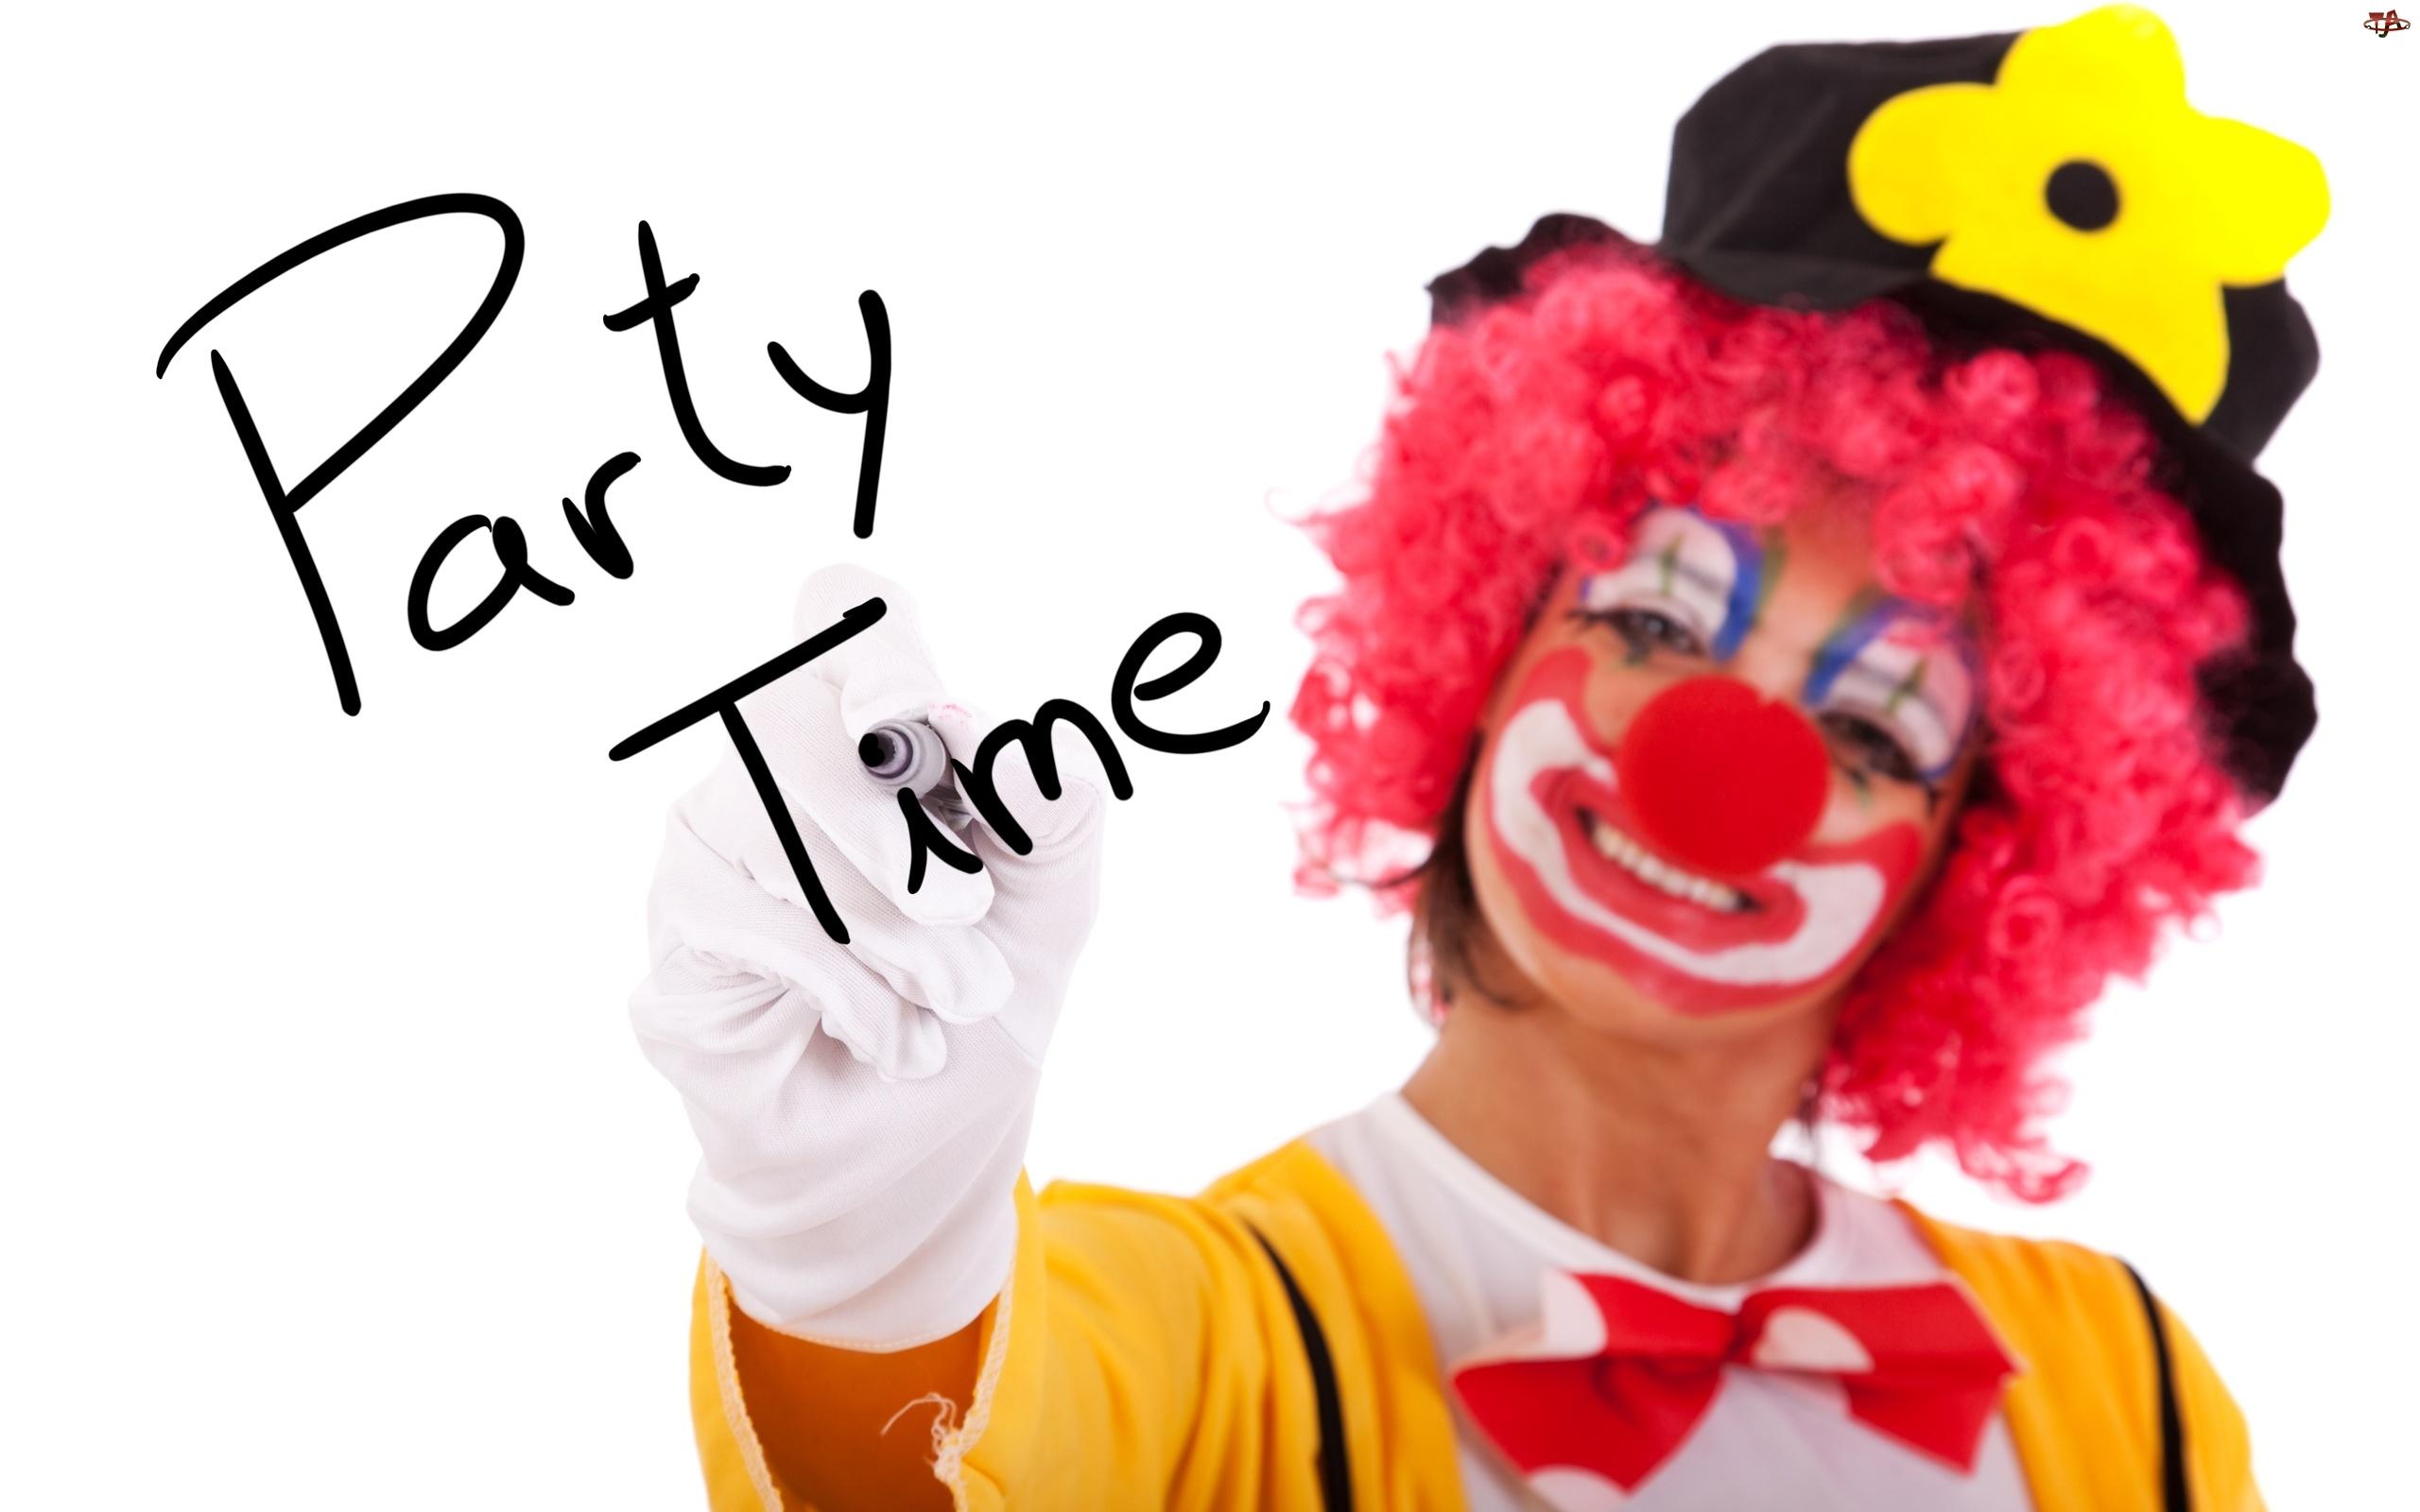 Klown, Zabawę, Czas, Na